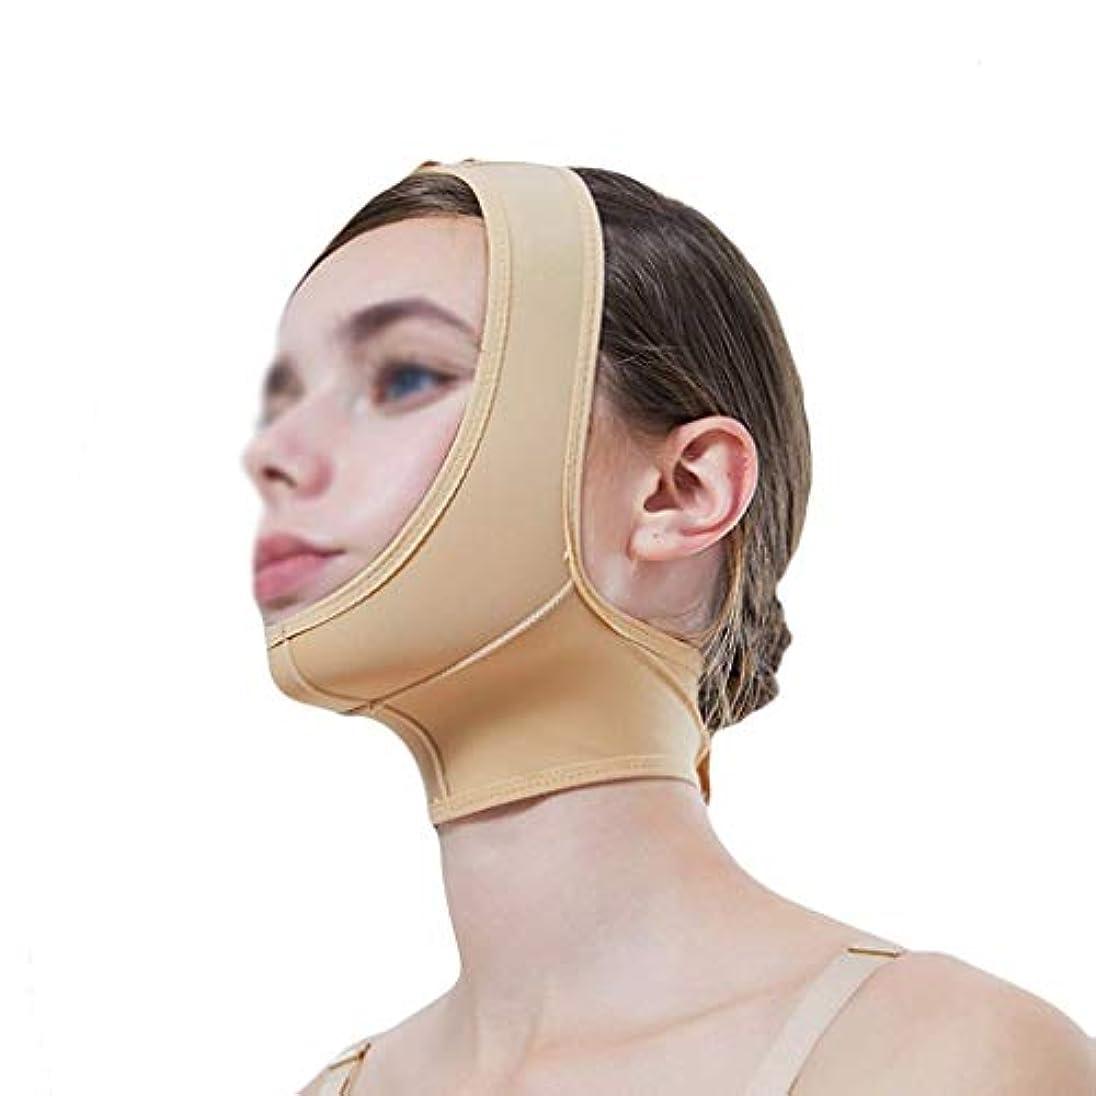 トーナメント旅客娘マスク、超薄型ベルト、フェイスリフティングに適し、フェイスリフティング、通気性包帯、あご取りベルト、超薄型ベルト、通気性(サイズ:XL),M